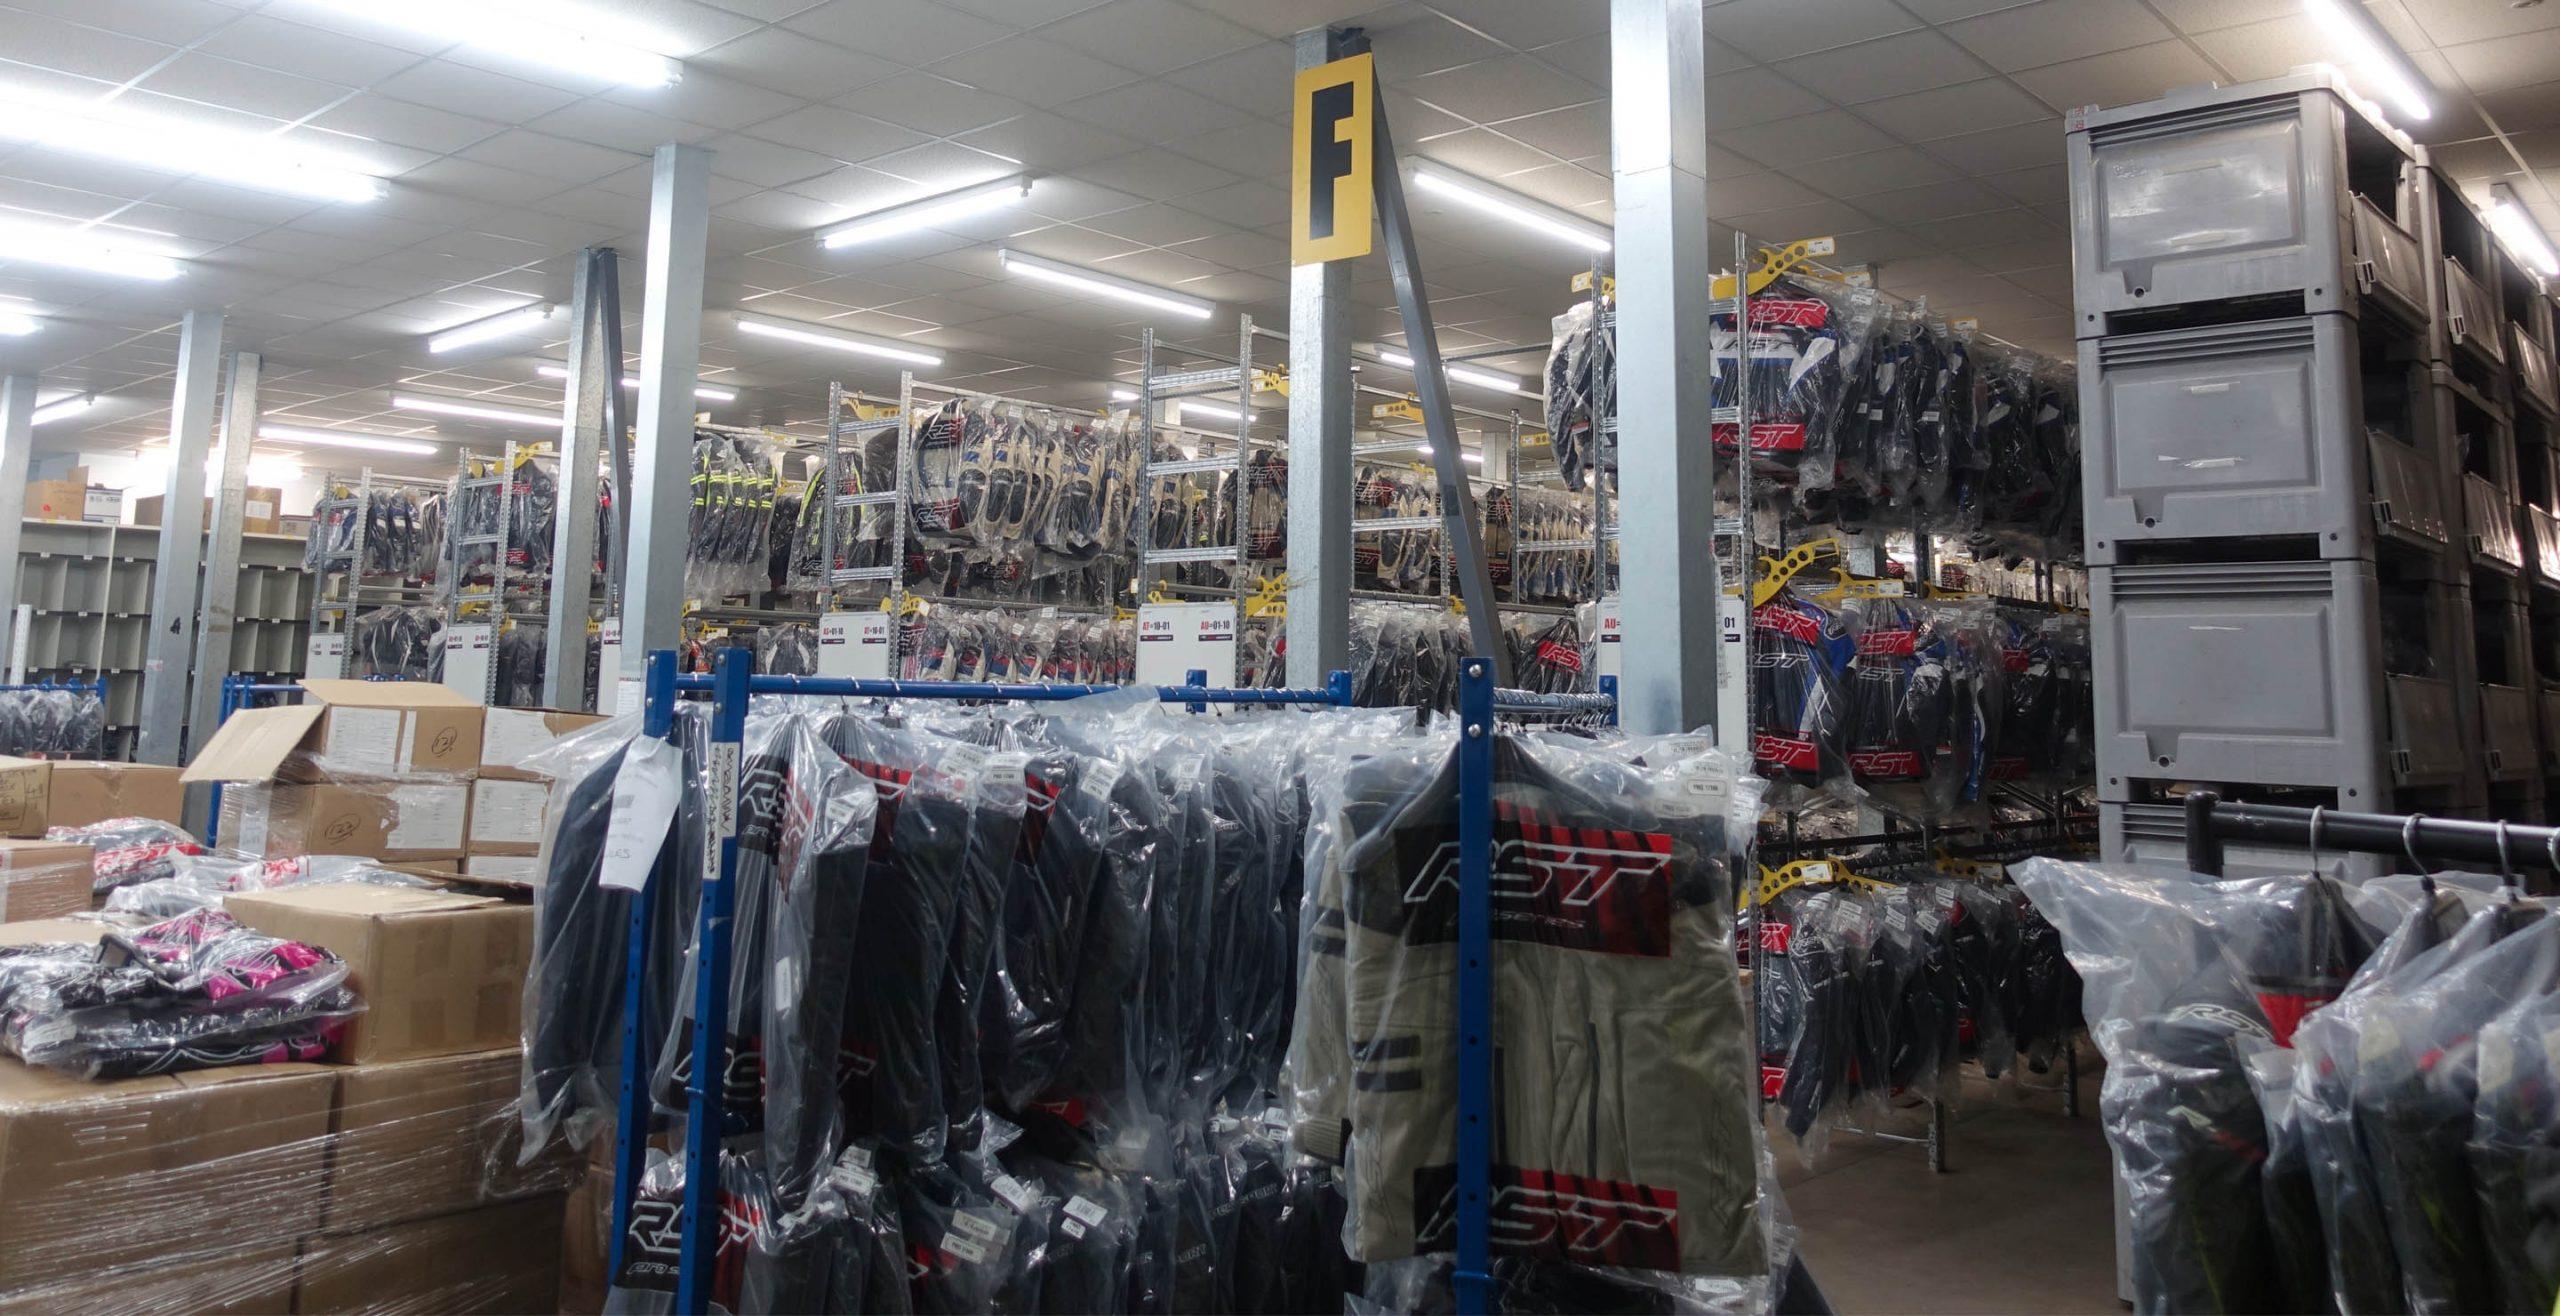 Almacén logístico de RST donde se observan algunos de sus productos estrelal como chaquetas y monos